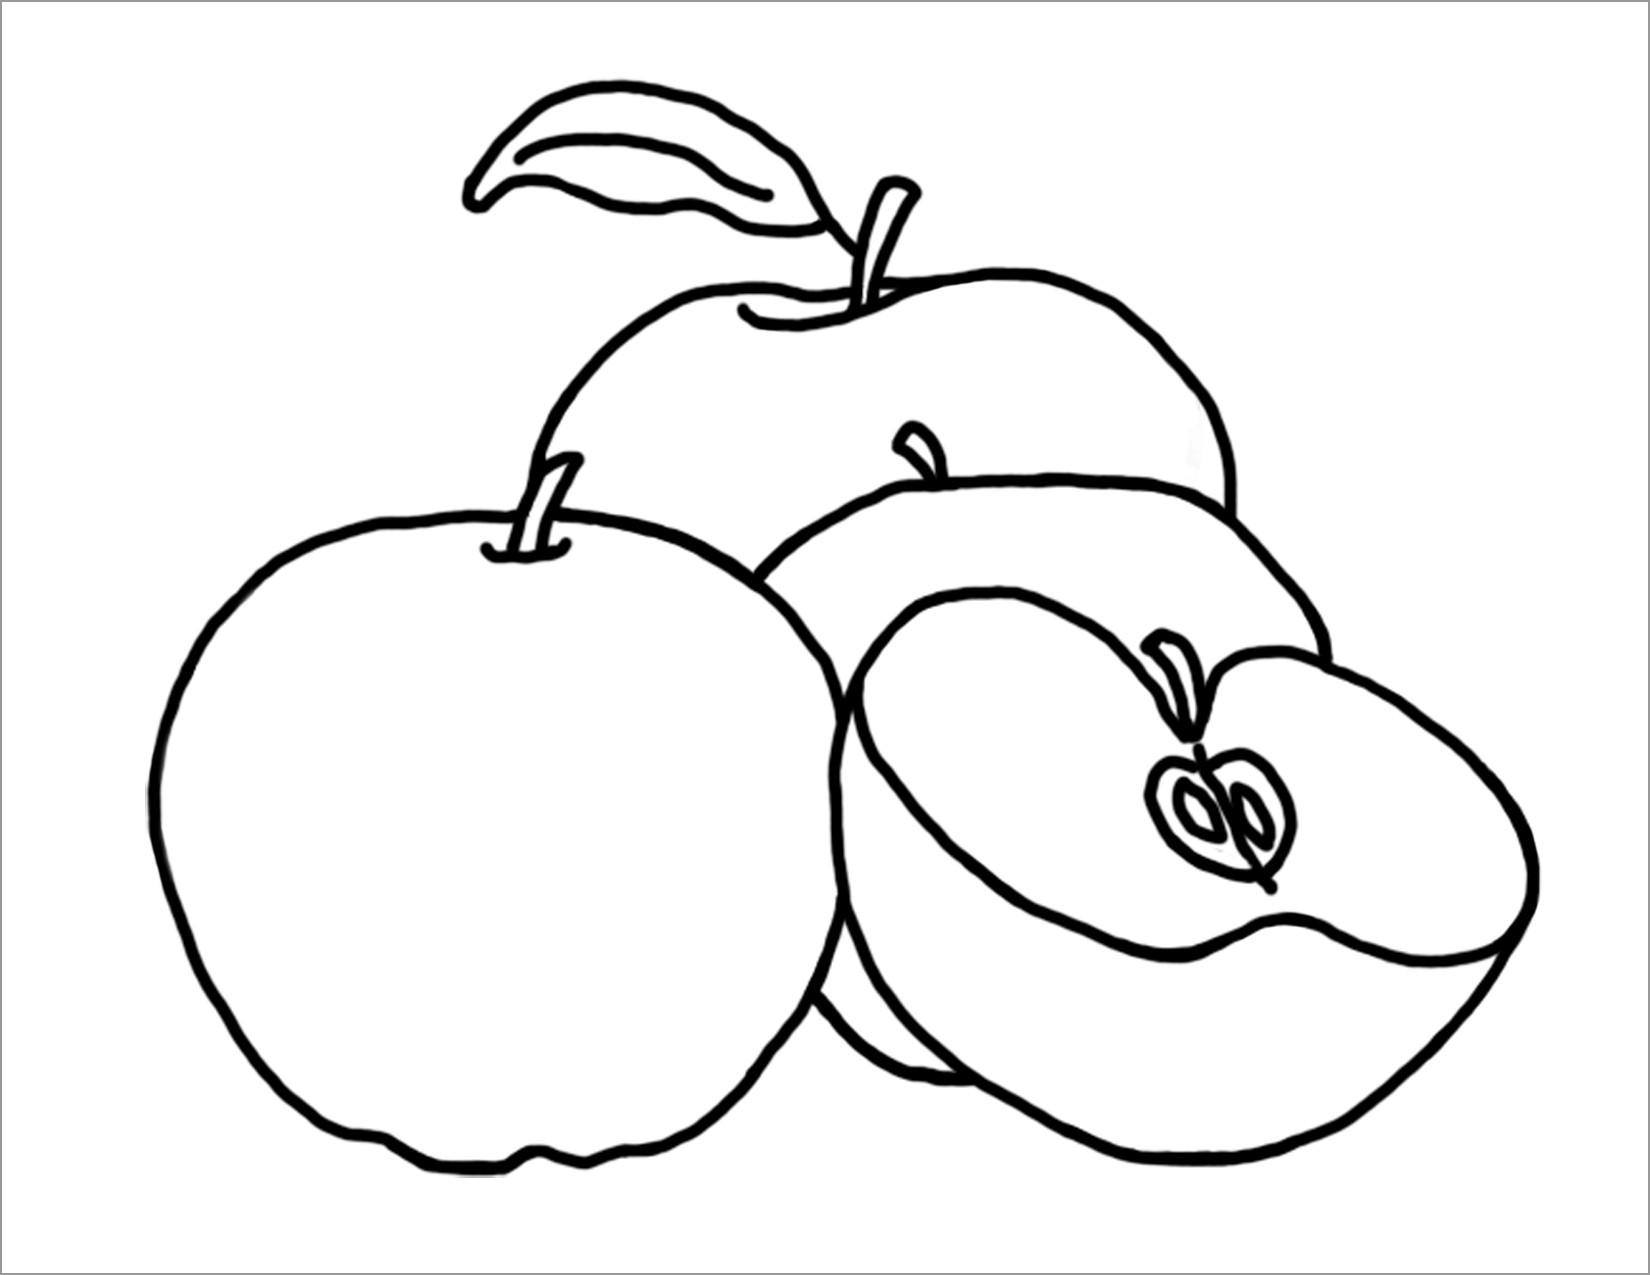 Tranh tô màu quả táo dành cho bé